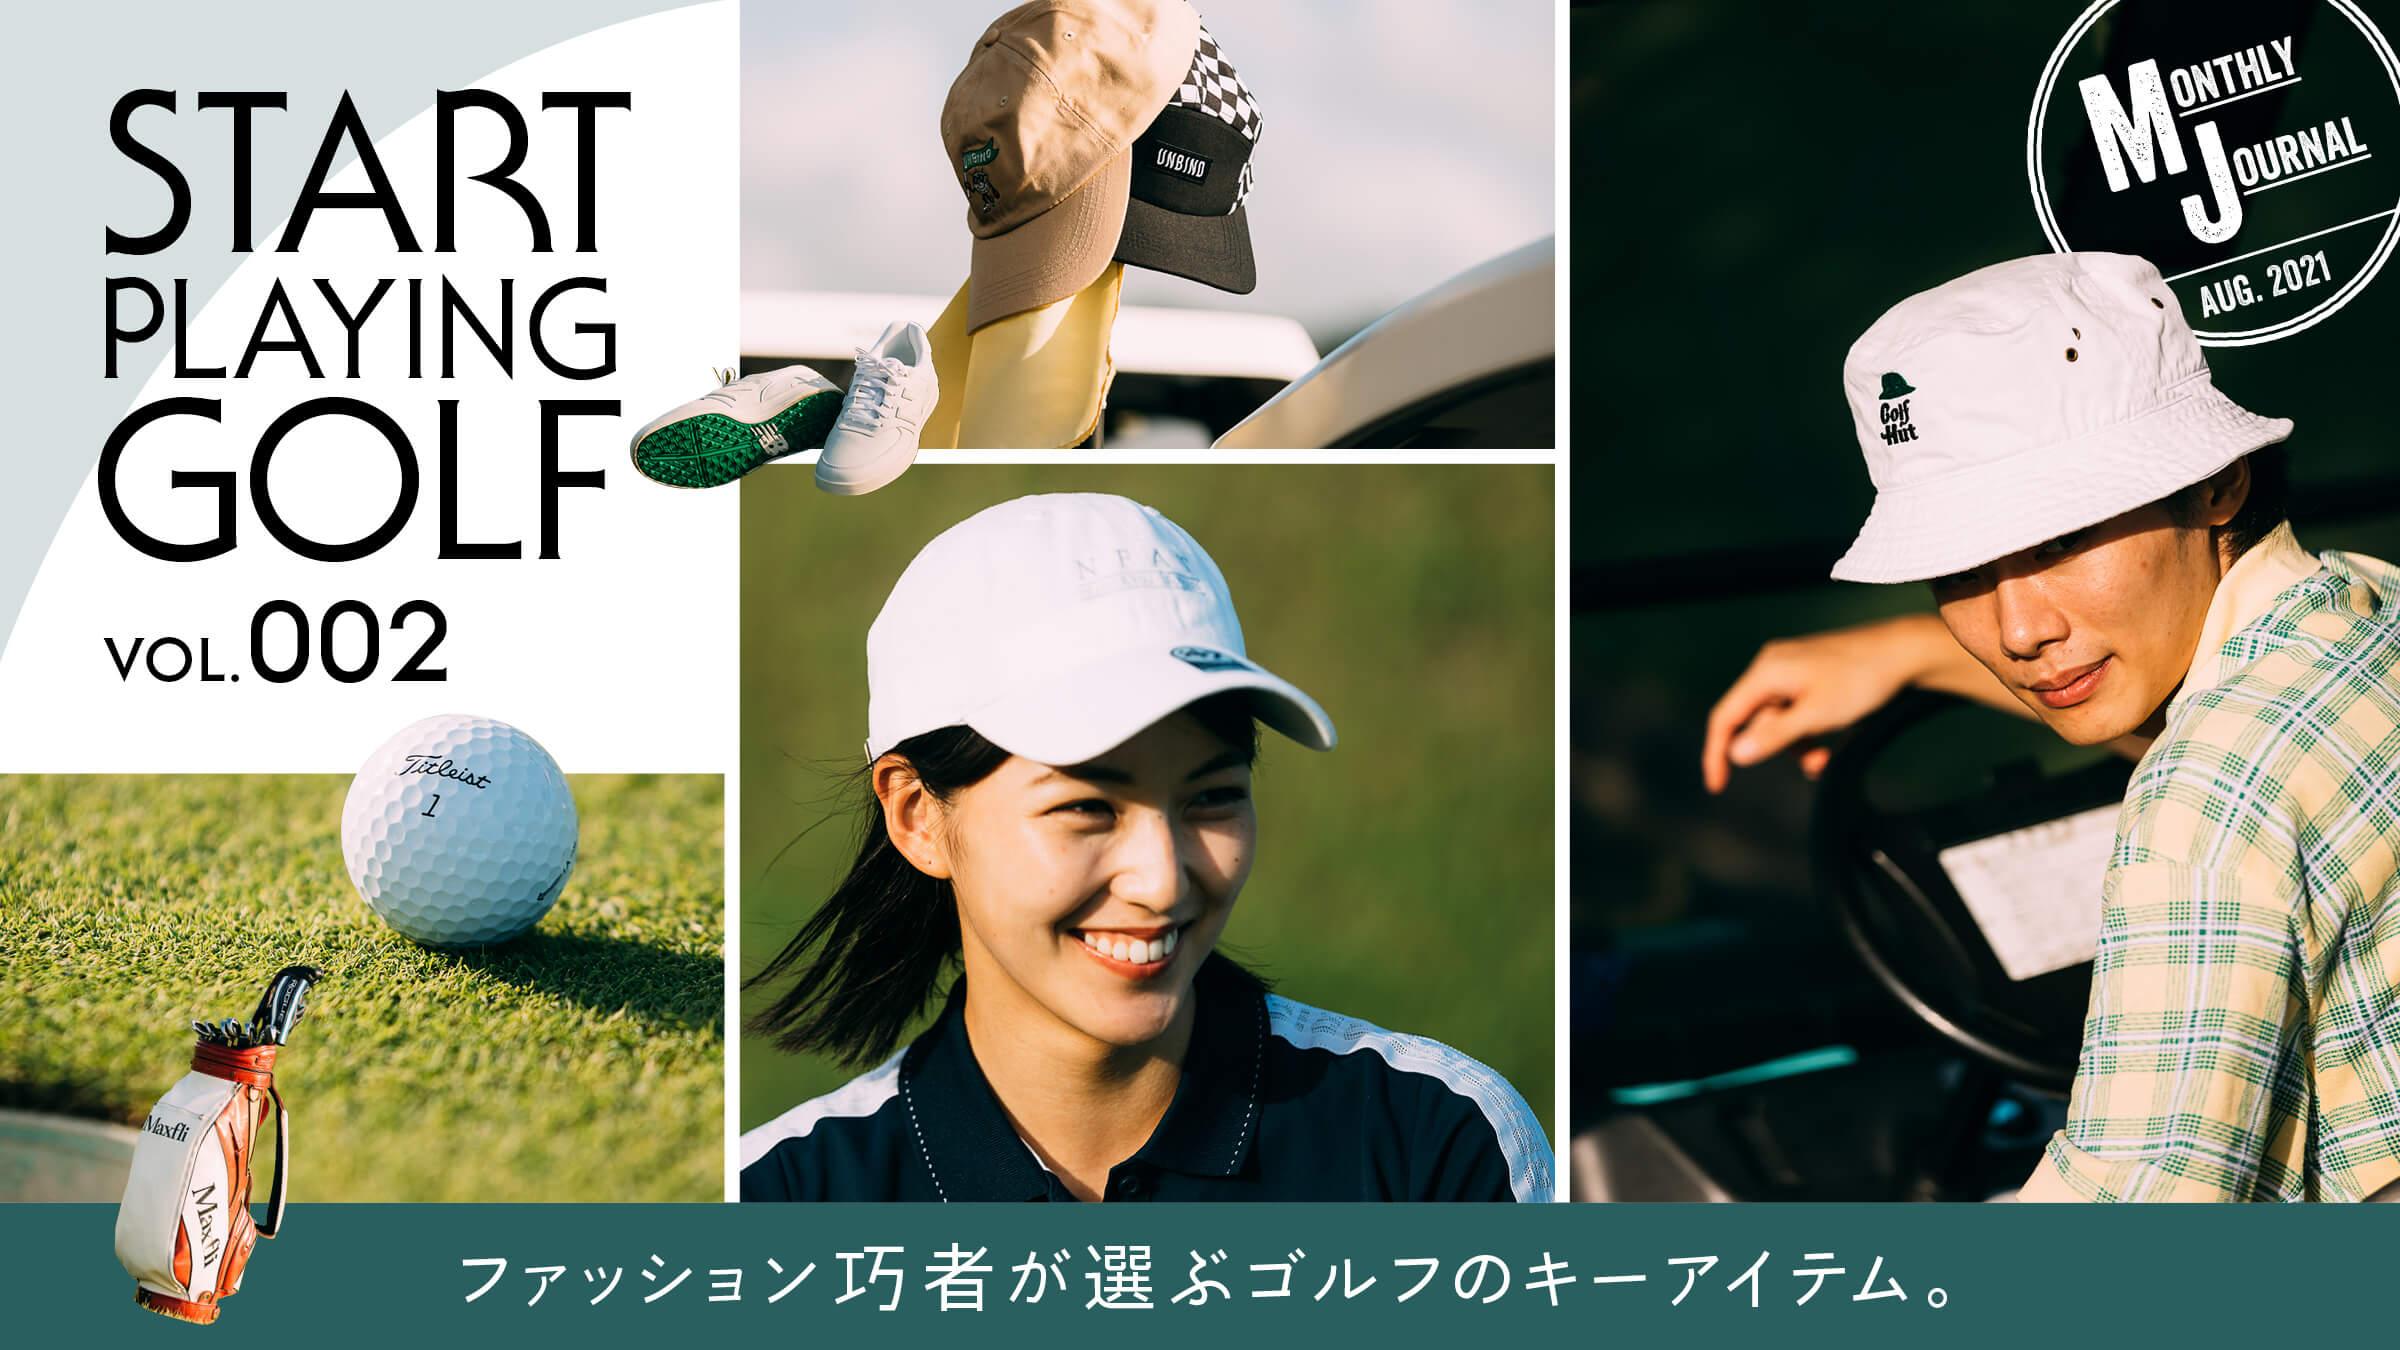 START PLAYING GOLF vol.2 ファッション巧者が選ぶゴルフのキーアイテム。